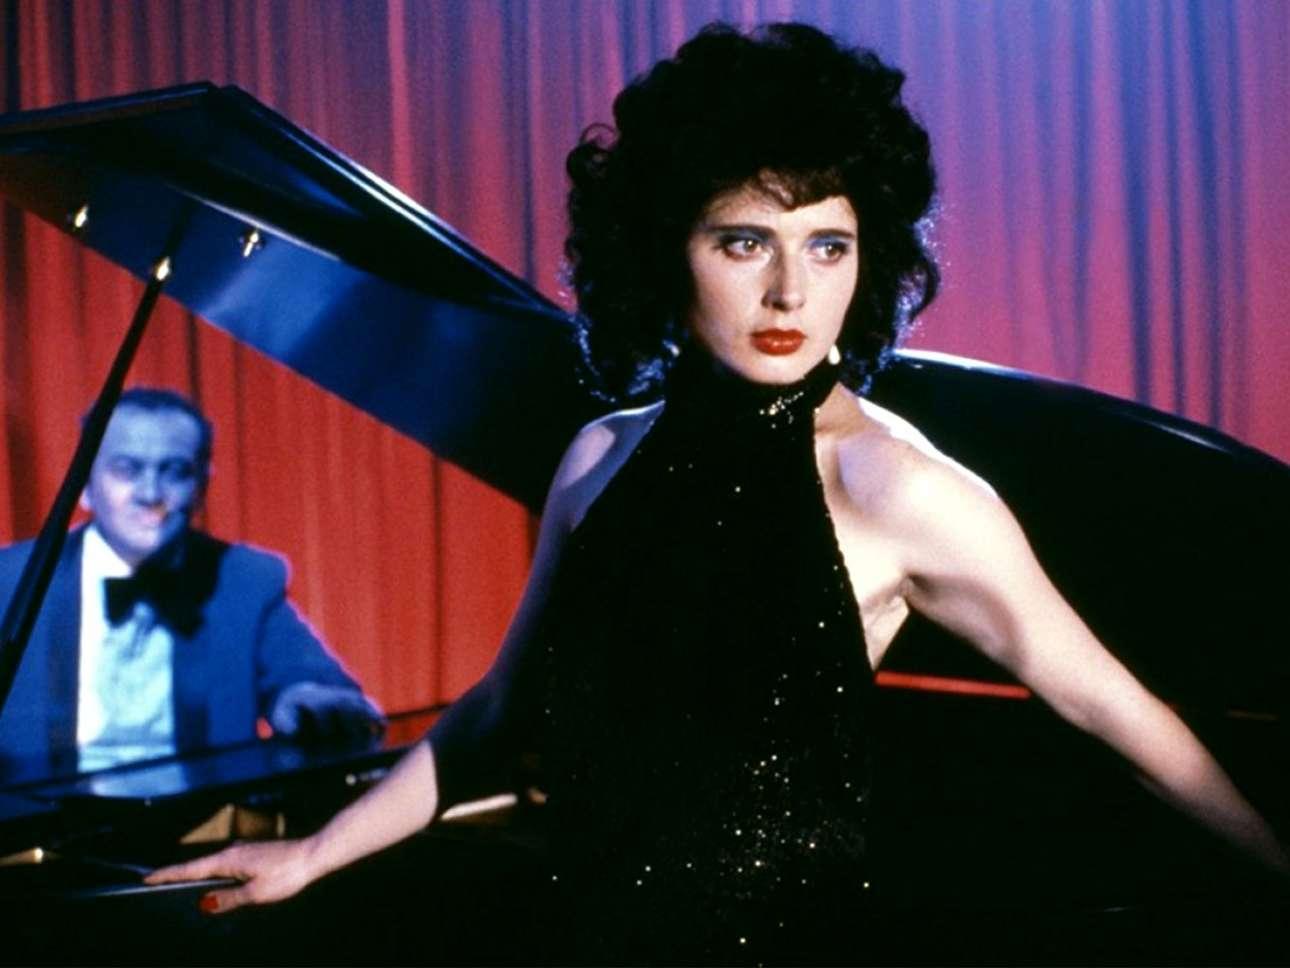 Η Ιζαμπέλα Ροσελίνι πρωταγωνιστεί στο σκοτεινό σύμπαν του Ντέιβιντ Λιντς, ως θύμα του σεξουαλικά διεστραμμένου ψυχοπαθούς Ντένις Χόπερ, στην ταινία του 1986 «Μπλε βελούδο»